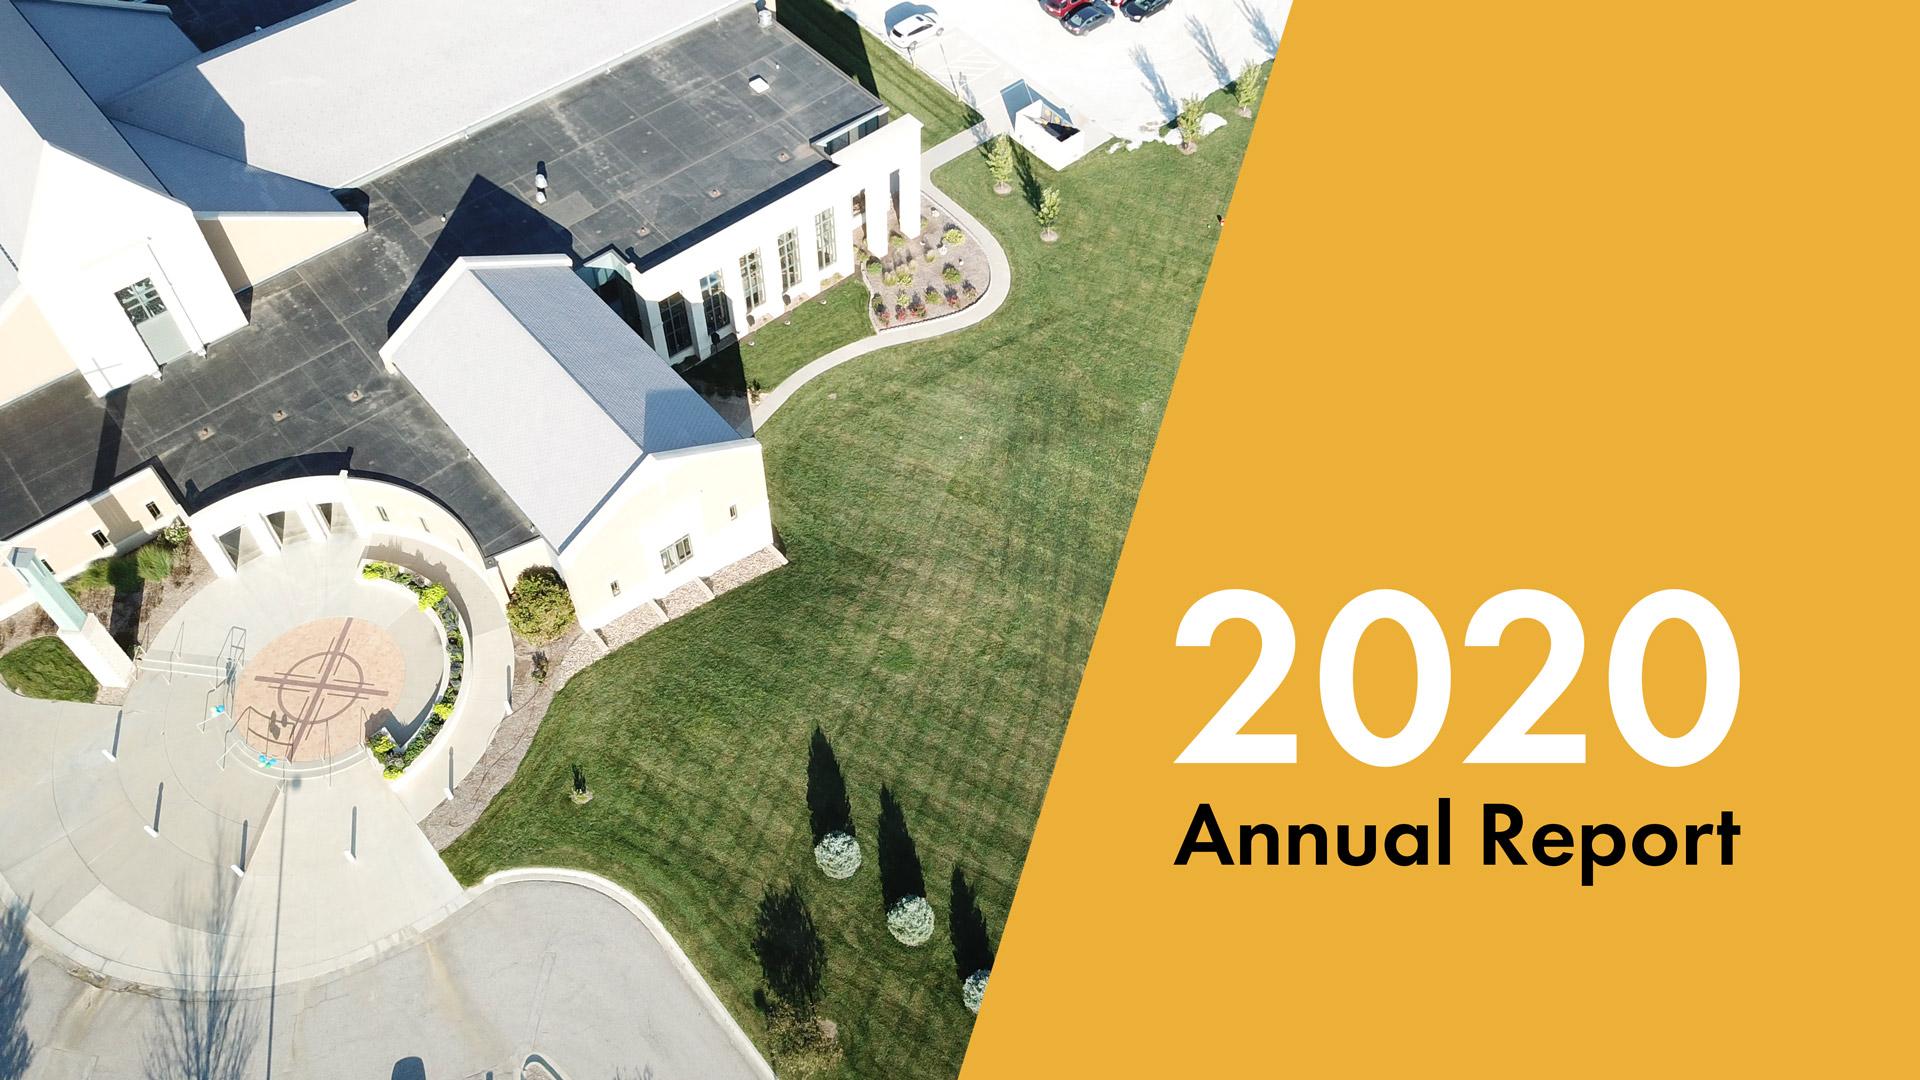 graphic: 2020 Annual Report